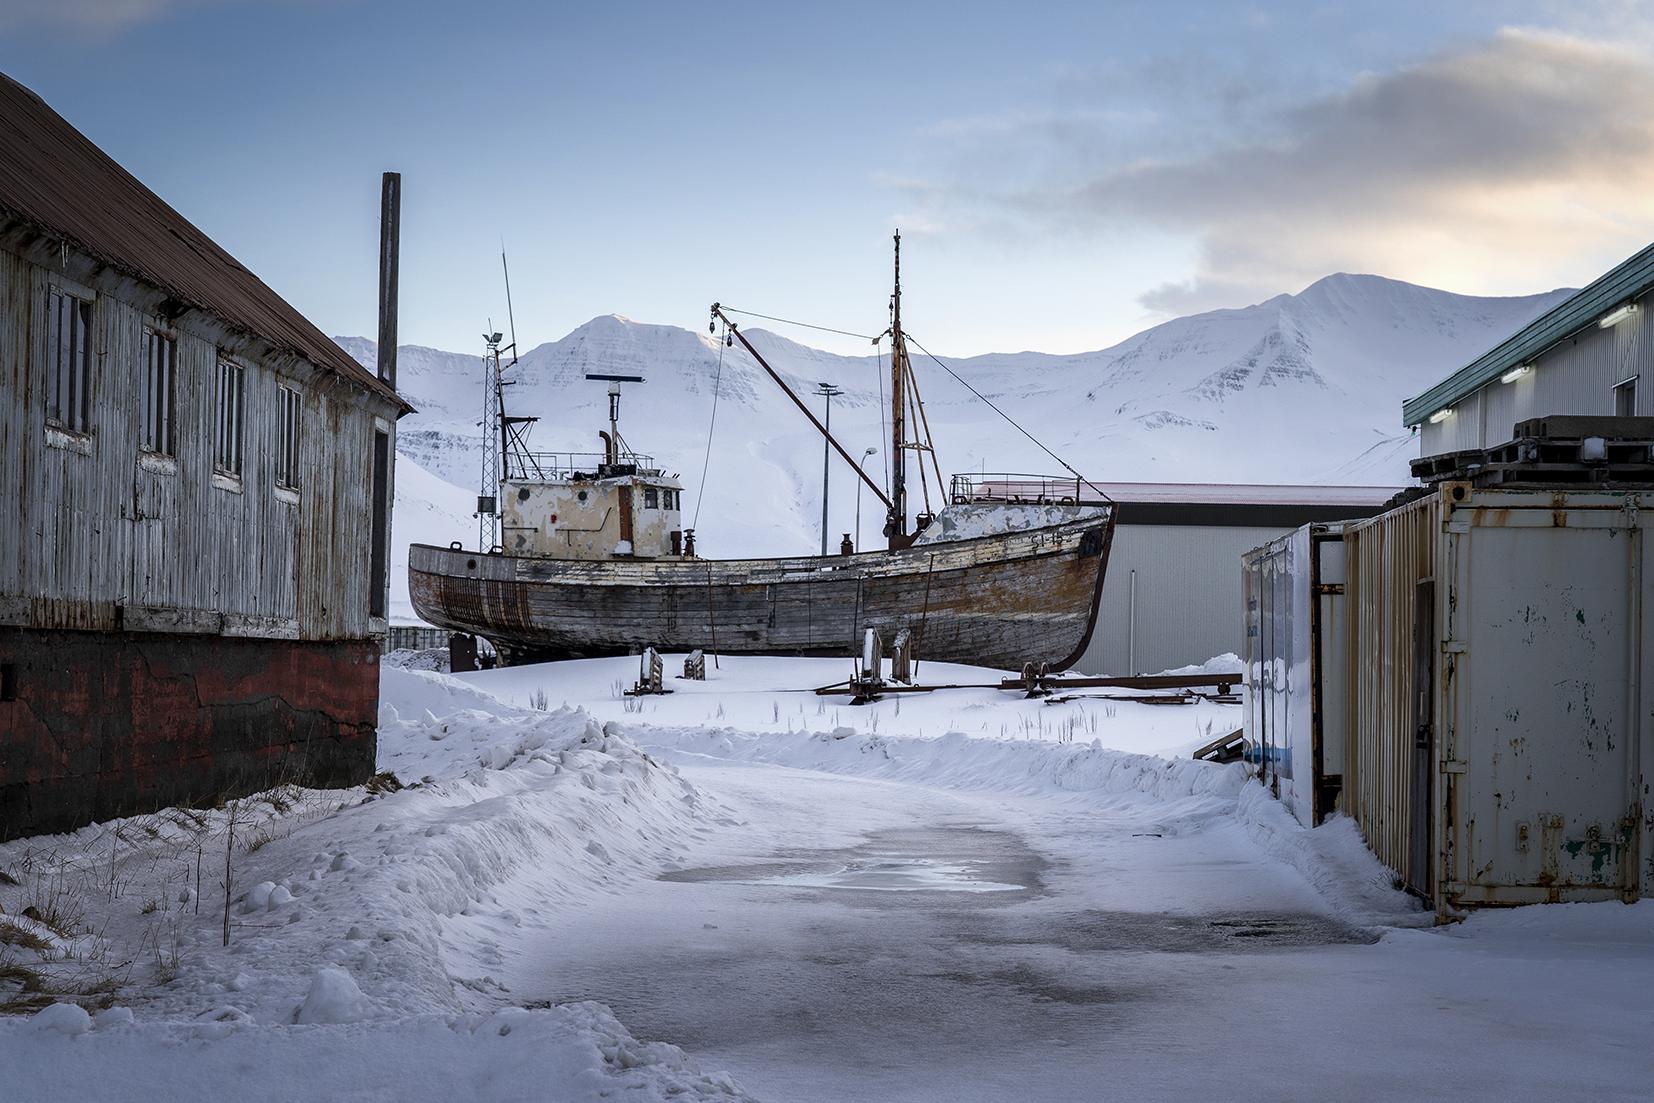 bateau vieux hangar montagnes neige